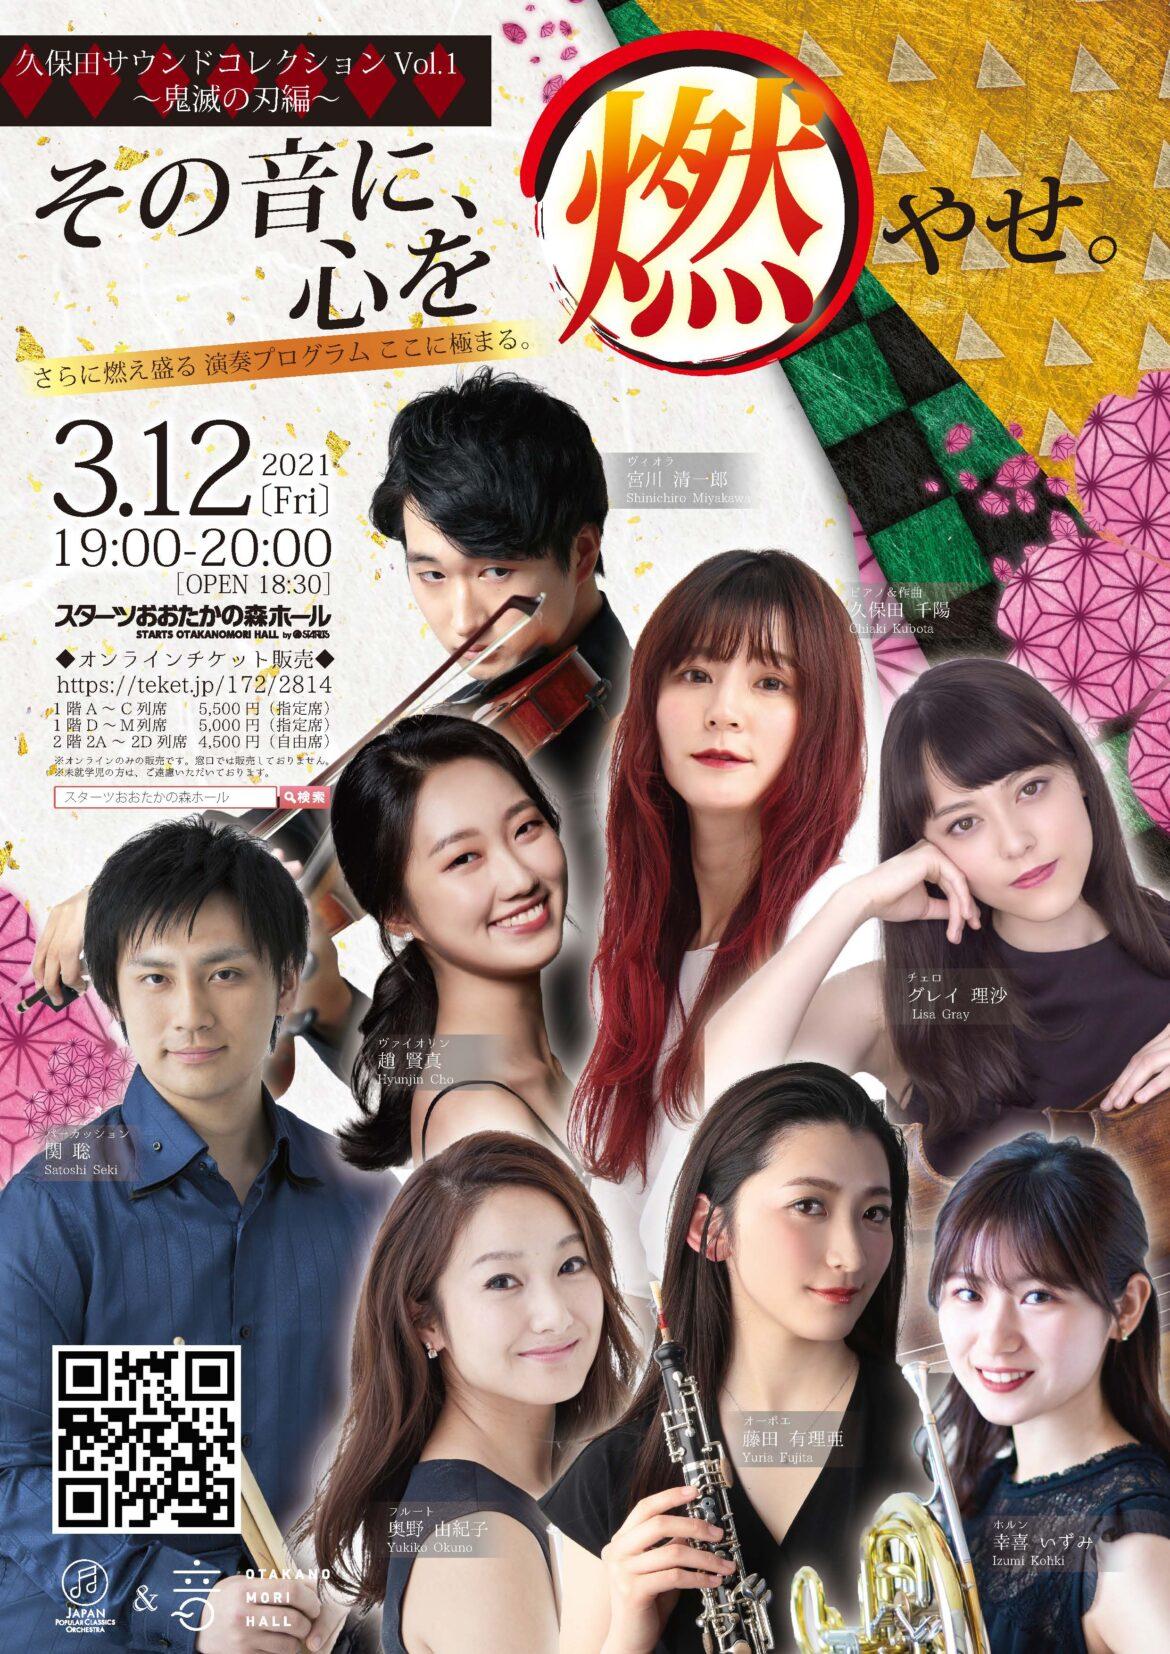 2021.3.12 【JPCO出演】久保田サウンドコレクション vol.1  ~鬼滅の刃編~